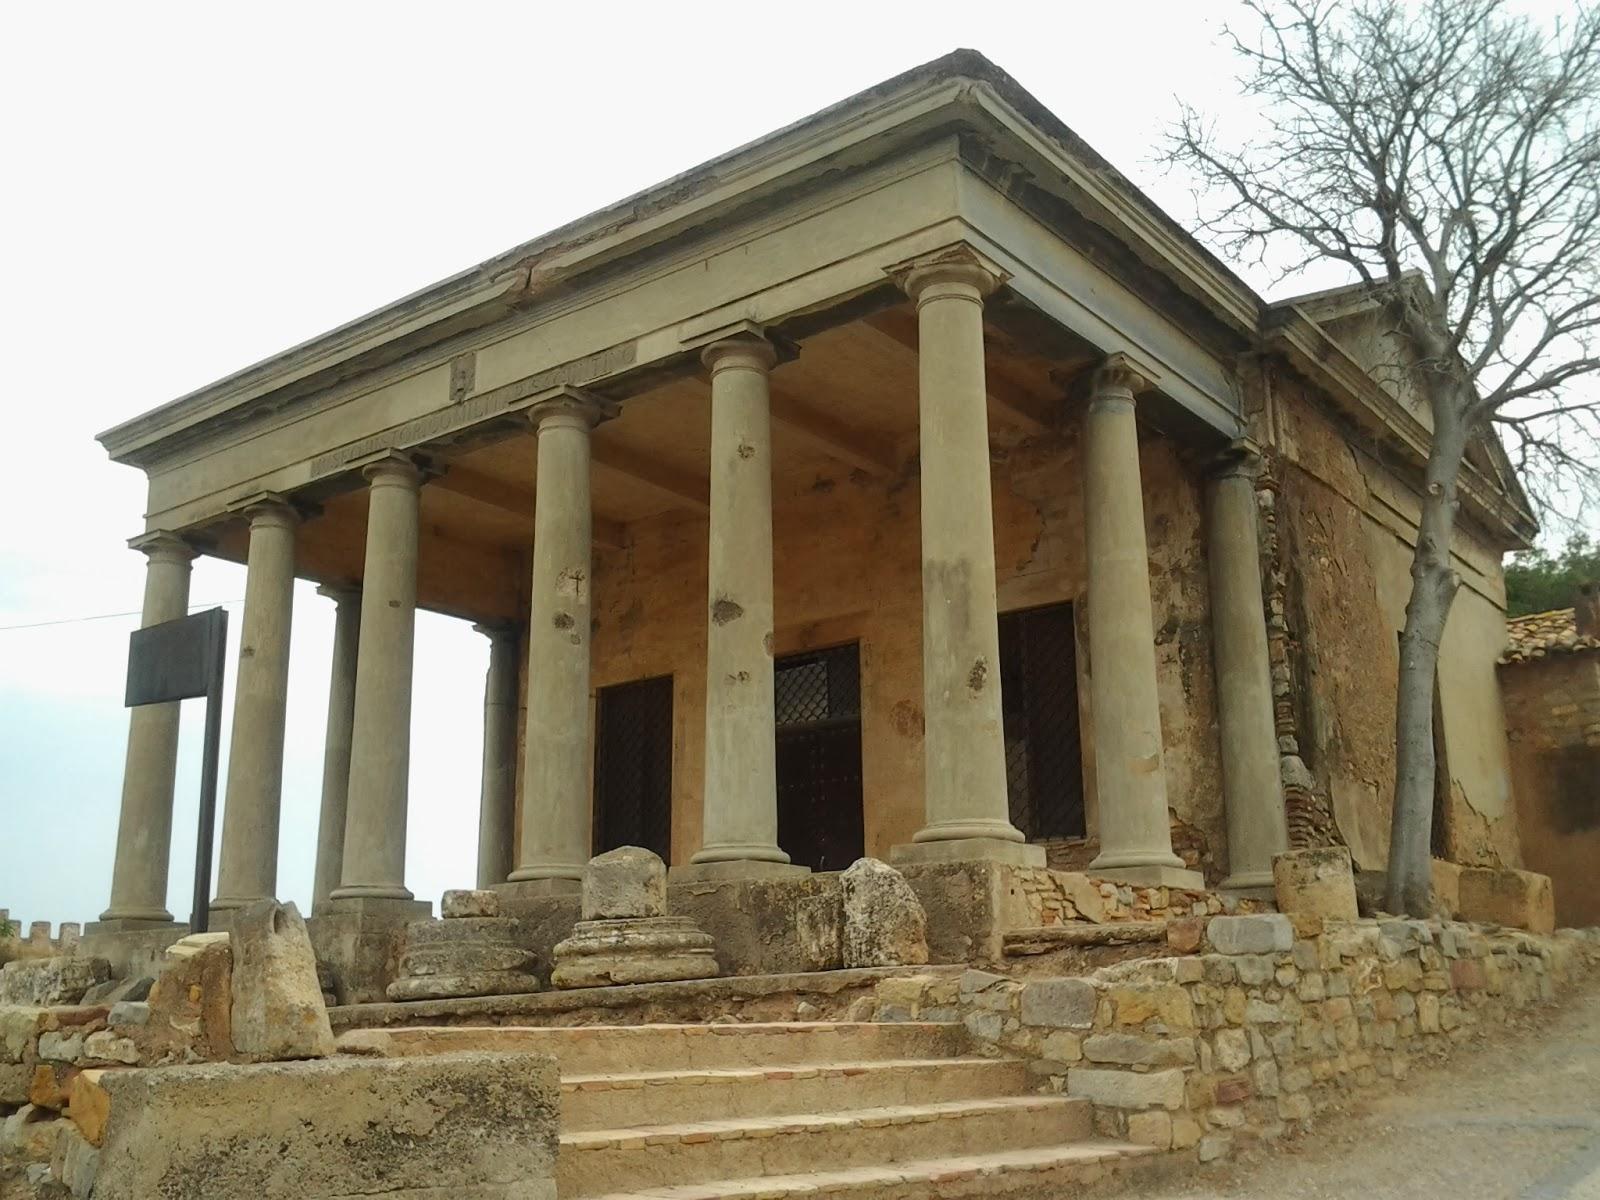 Castillo de sagunto rutas por su historia el museo hist rico militar de sagunto - Casas en sagunto ...